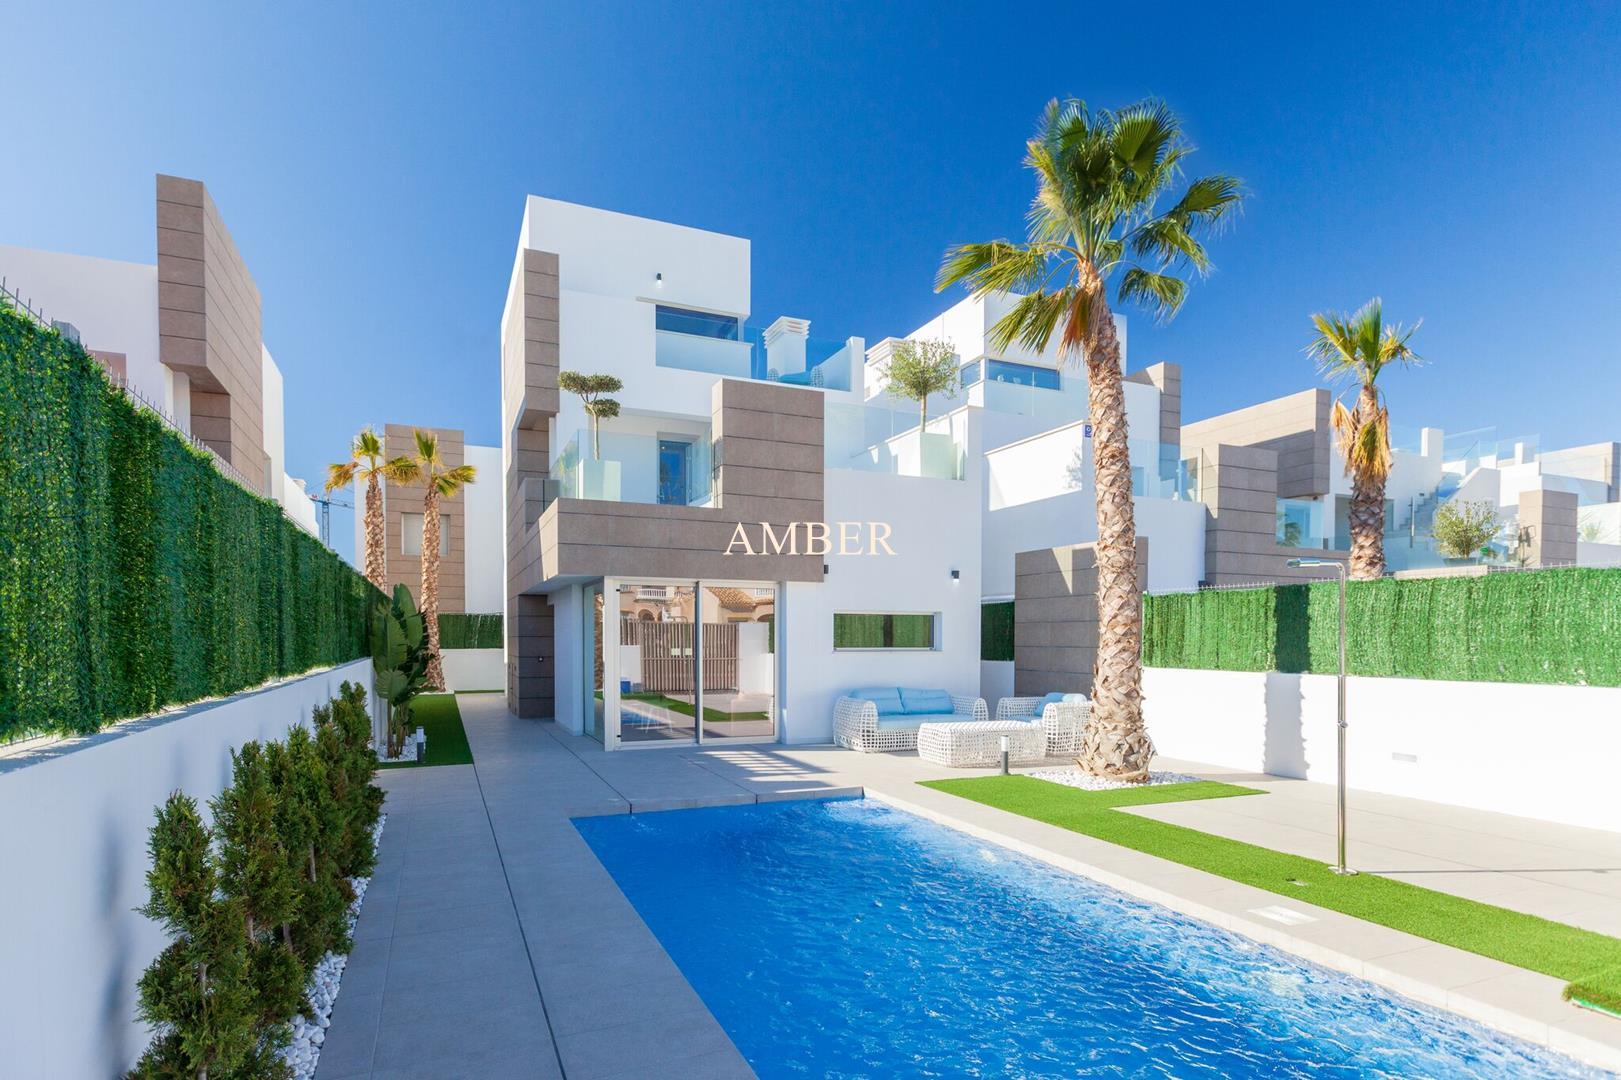 New modern villas with private pool for sale, El Raso, Alicante